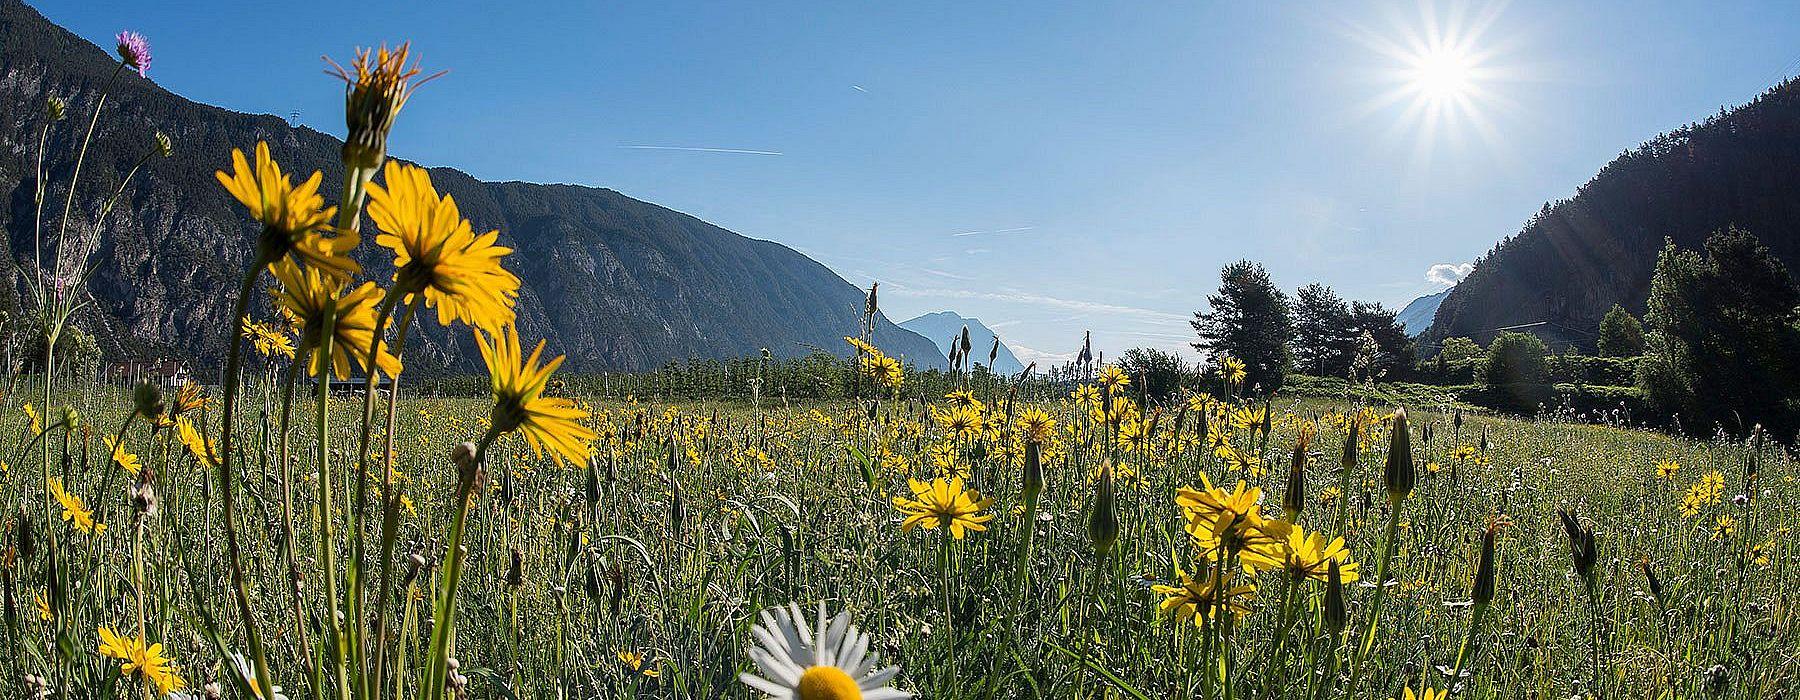 Flower meadow in the Ötztal